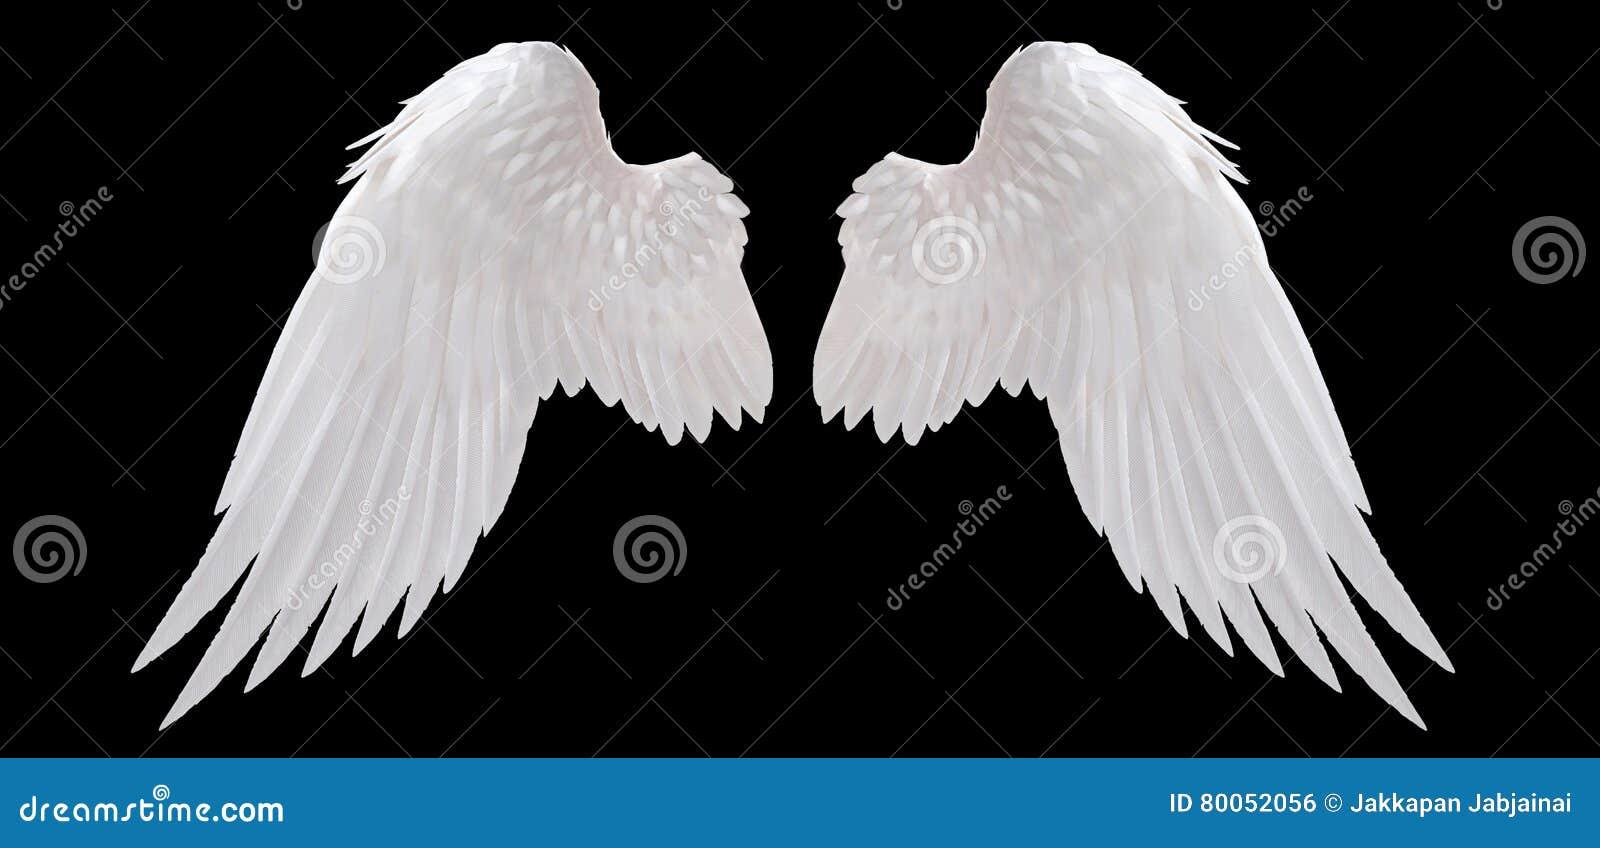 Άσπρο φτερό αγγέλου